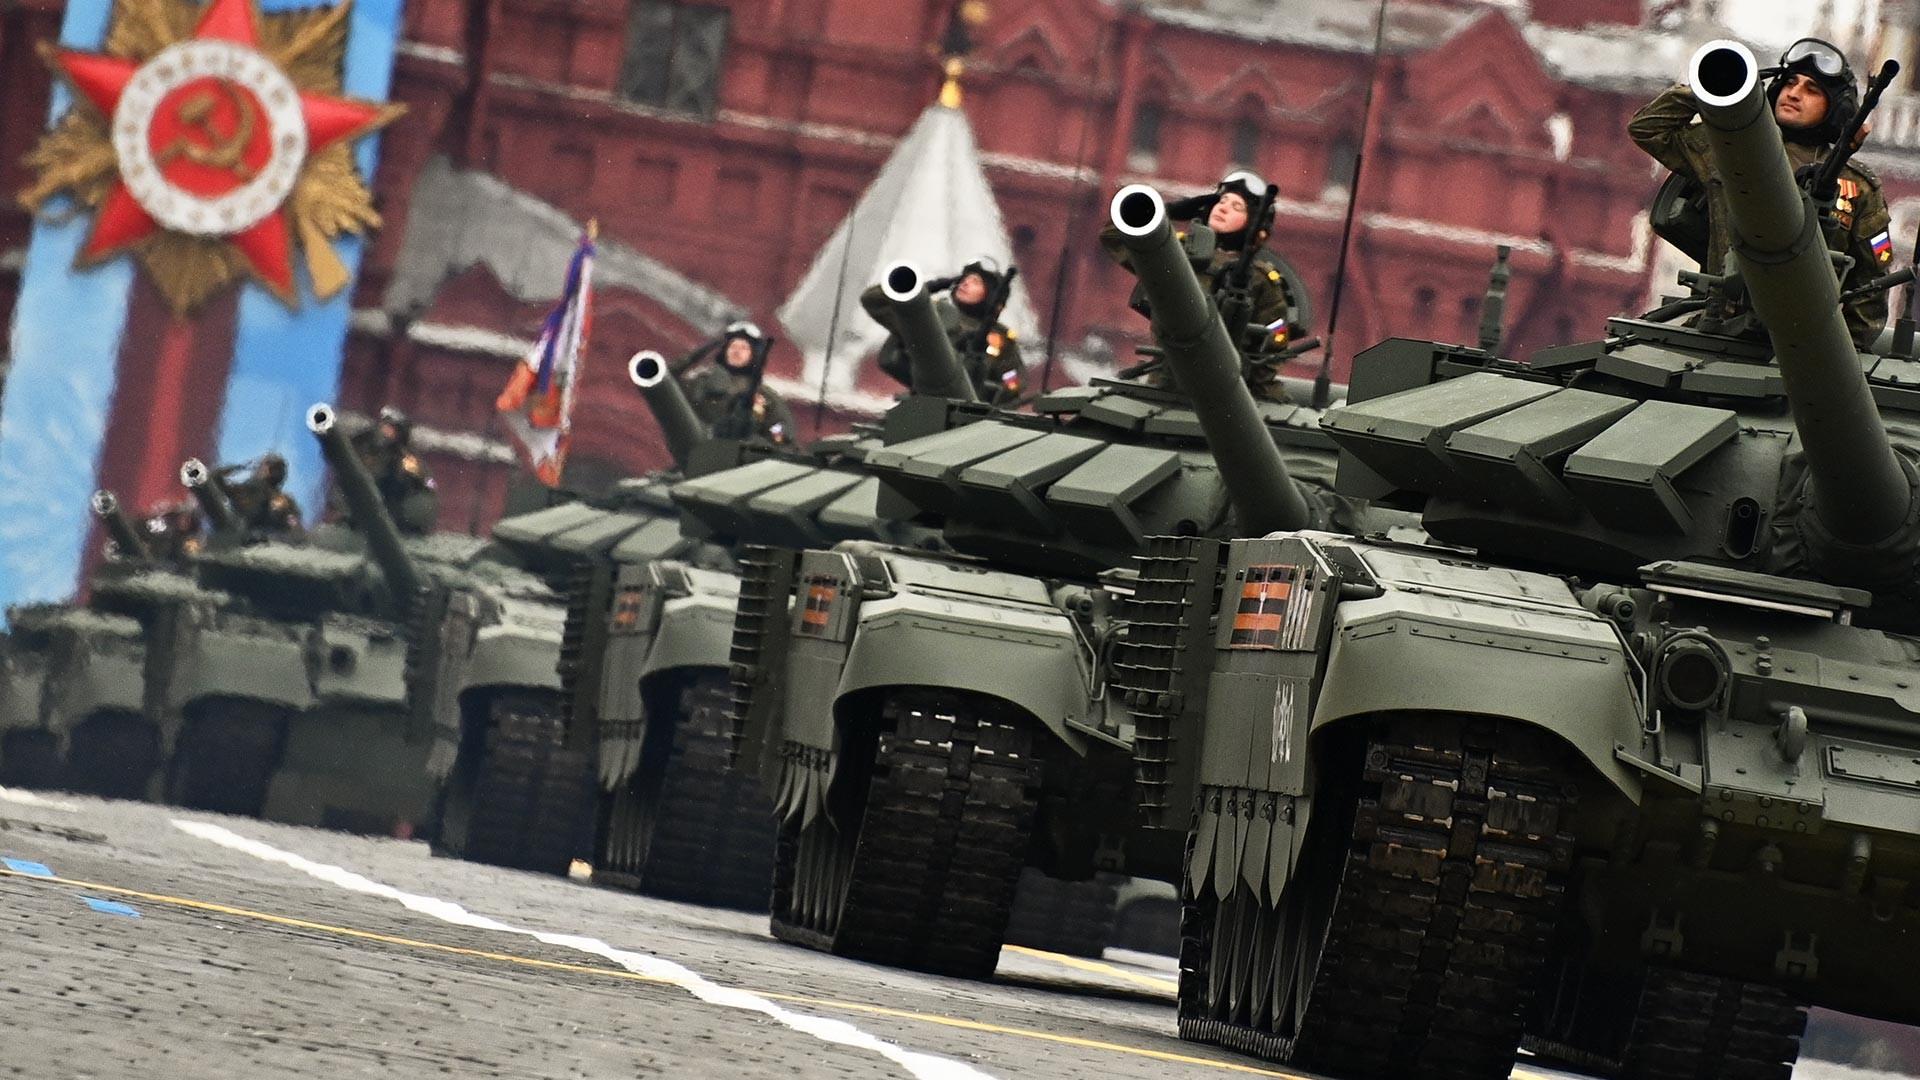 La dernière modification russe des chars T-72B3 avec blindage réactif explosif Relikt, ce qui la rend comparable au char T-14 Armata de nouvelle génération. Le pays démontre ainsi que la « peau » du vieux monstre soviétique est devenue plus épaisse et peut résister aux armes modernes.